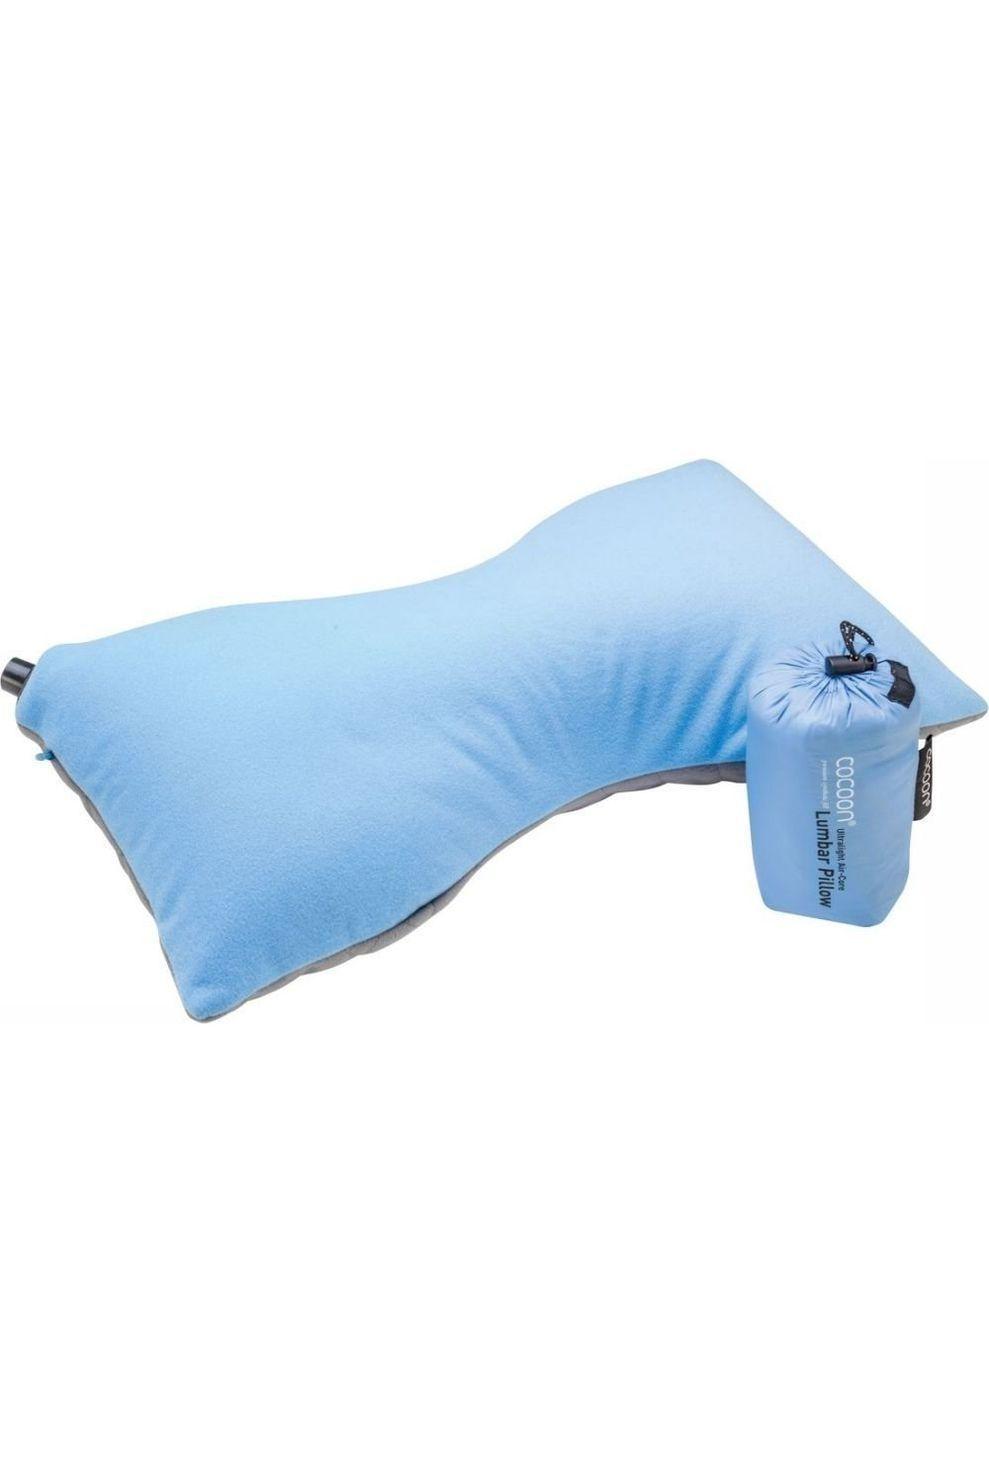 Cocoon Kussen Lumbar Pillow Ultralight - Blauw/Grijs